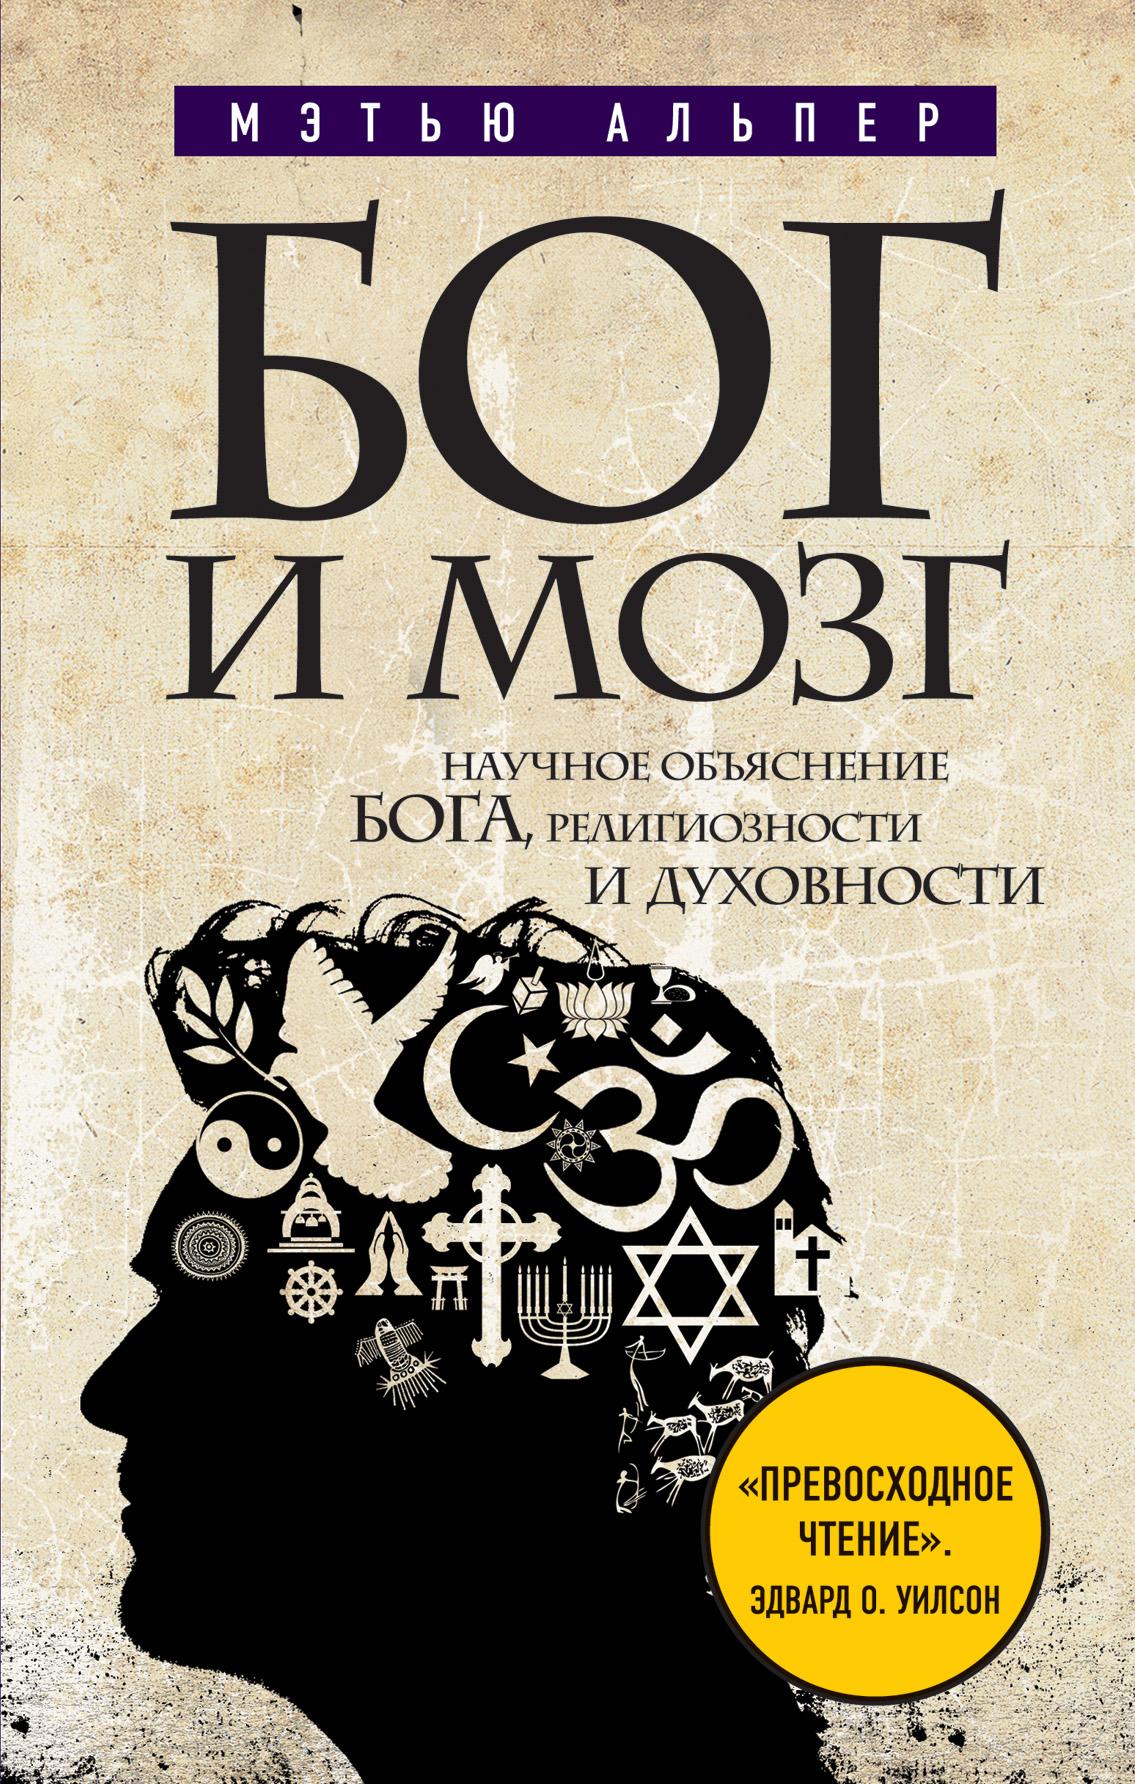 Бог и мозг: Научное объяснение Бога, религиозности и духовности ( Альпер М.  )